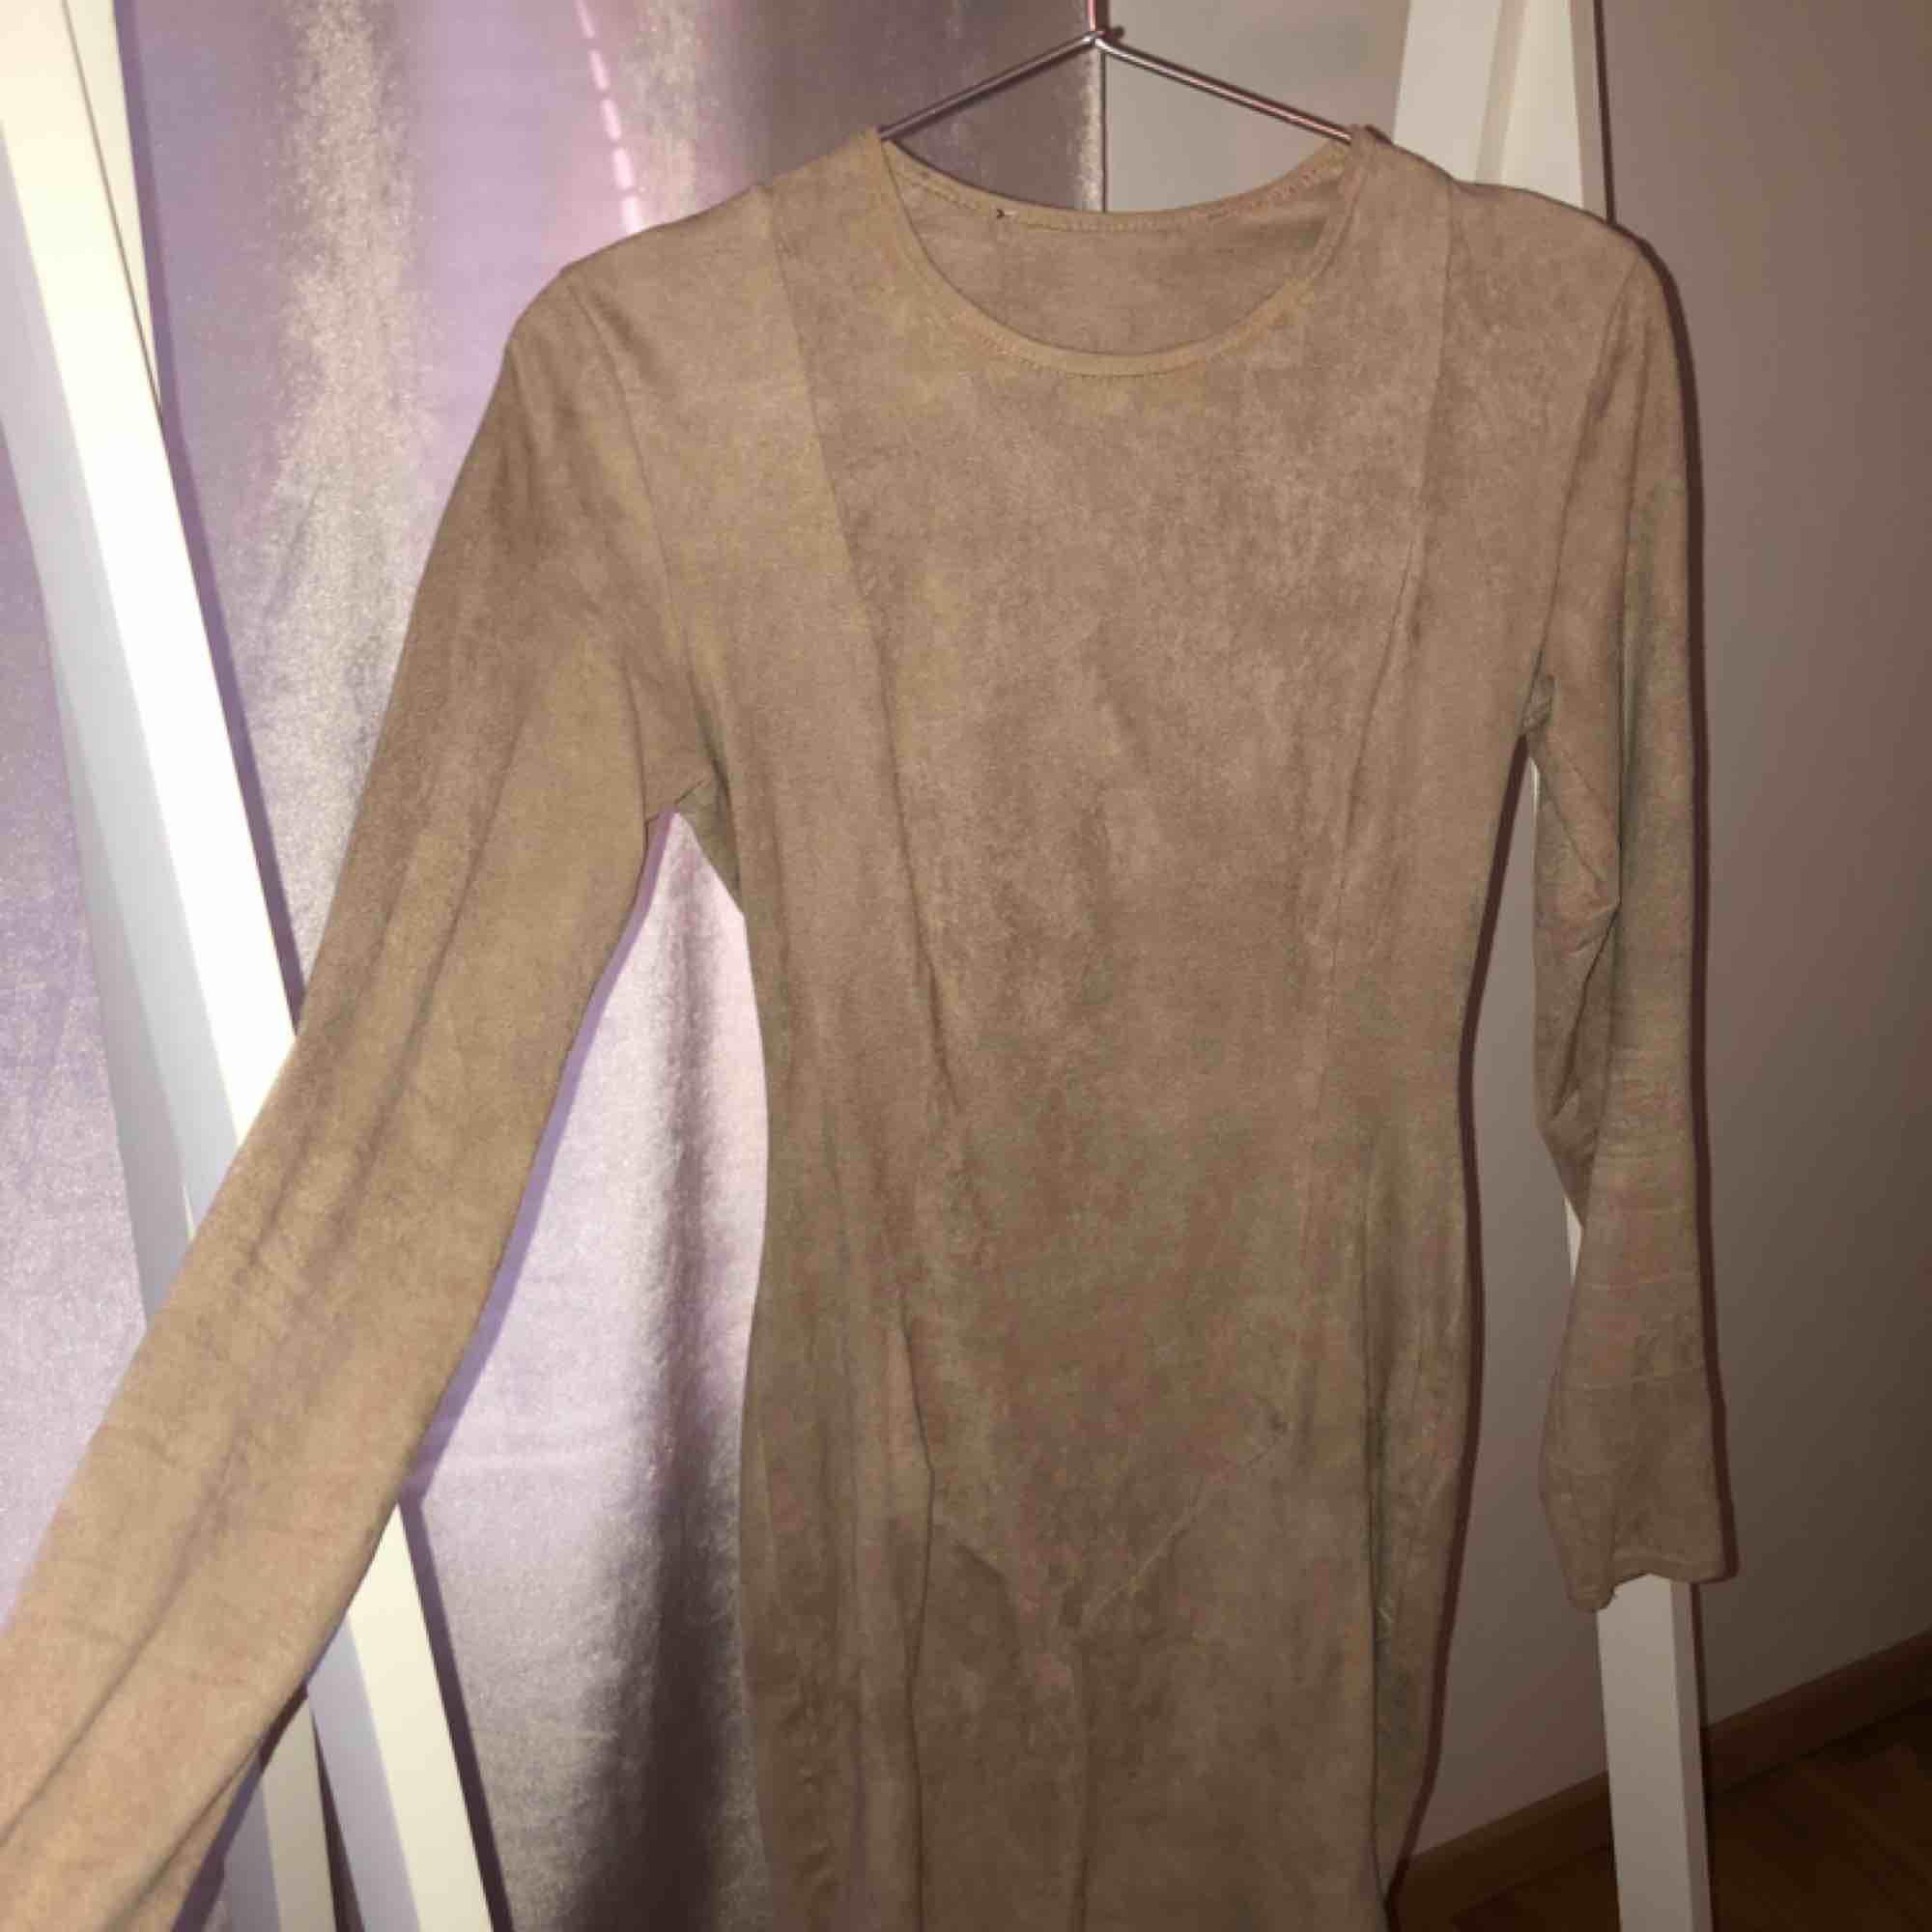 Fauxmocka klänning, tight och snygg passform med ett stretchigt material. Från Nelly. Klänningar.